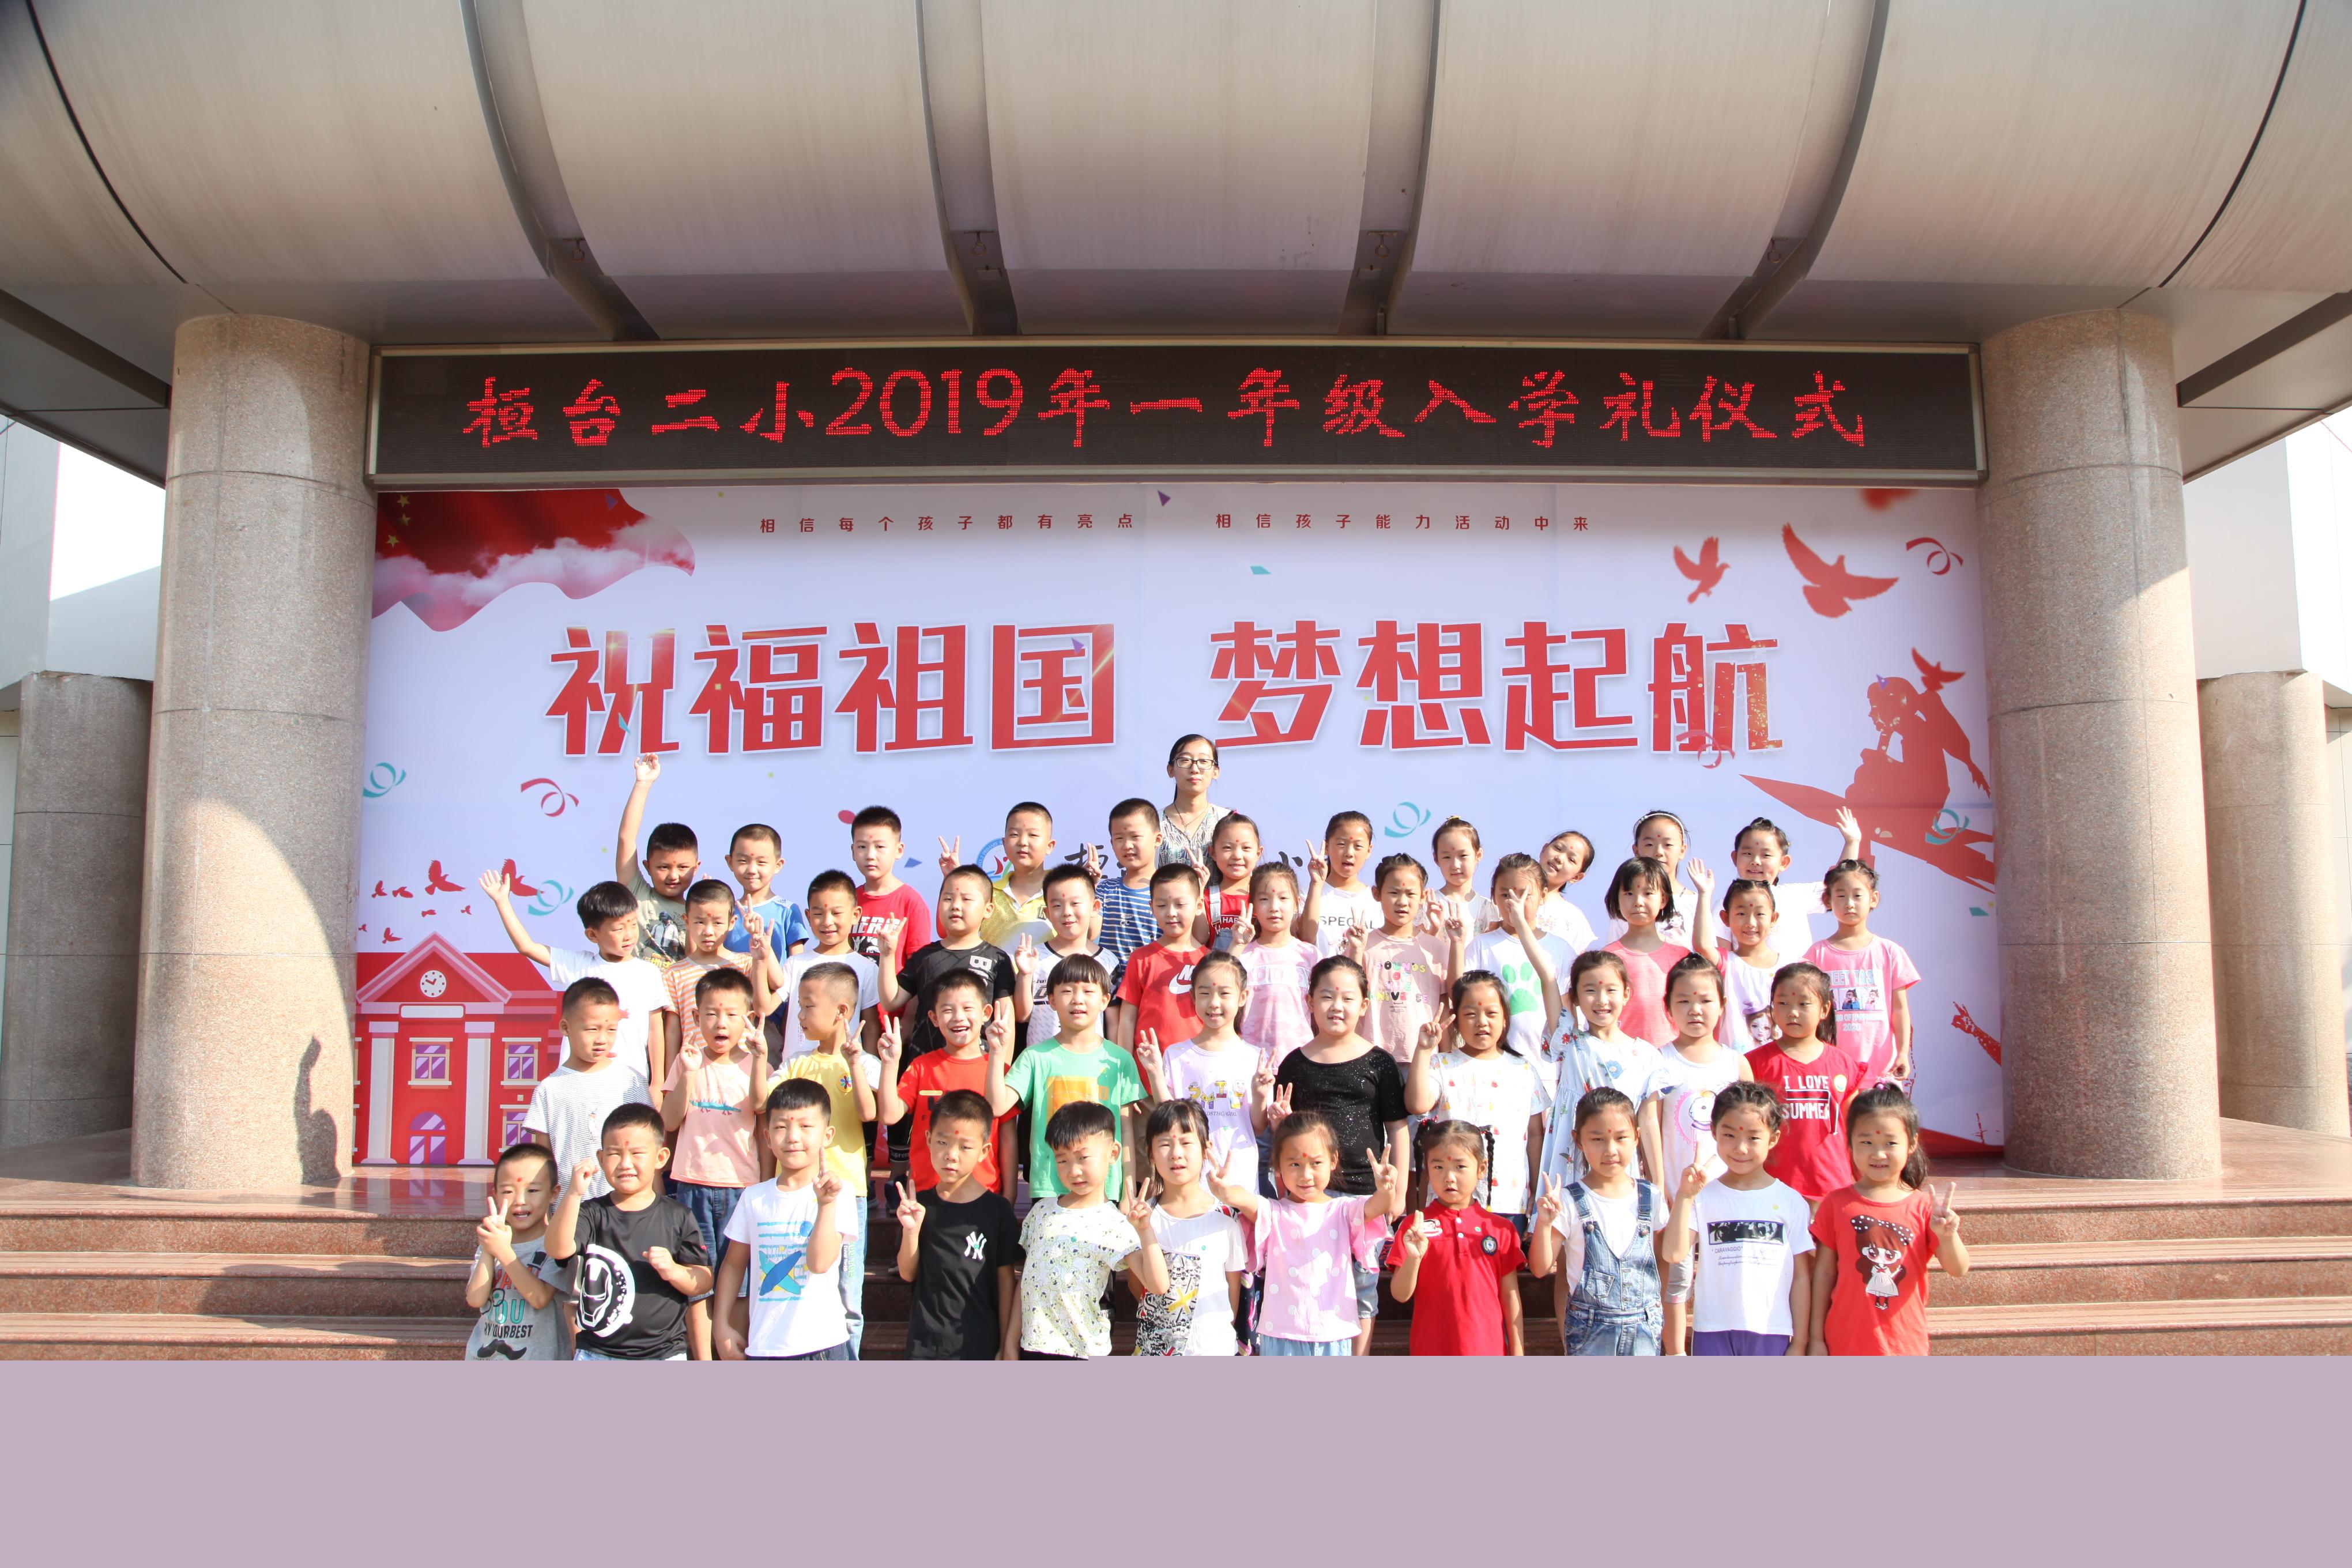 祝福祖国  梦想起航——淄博市桓台县第二小学举行一年级新生入学礼仪式